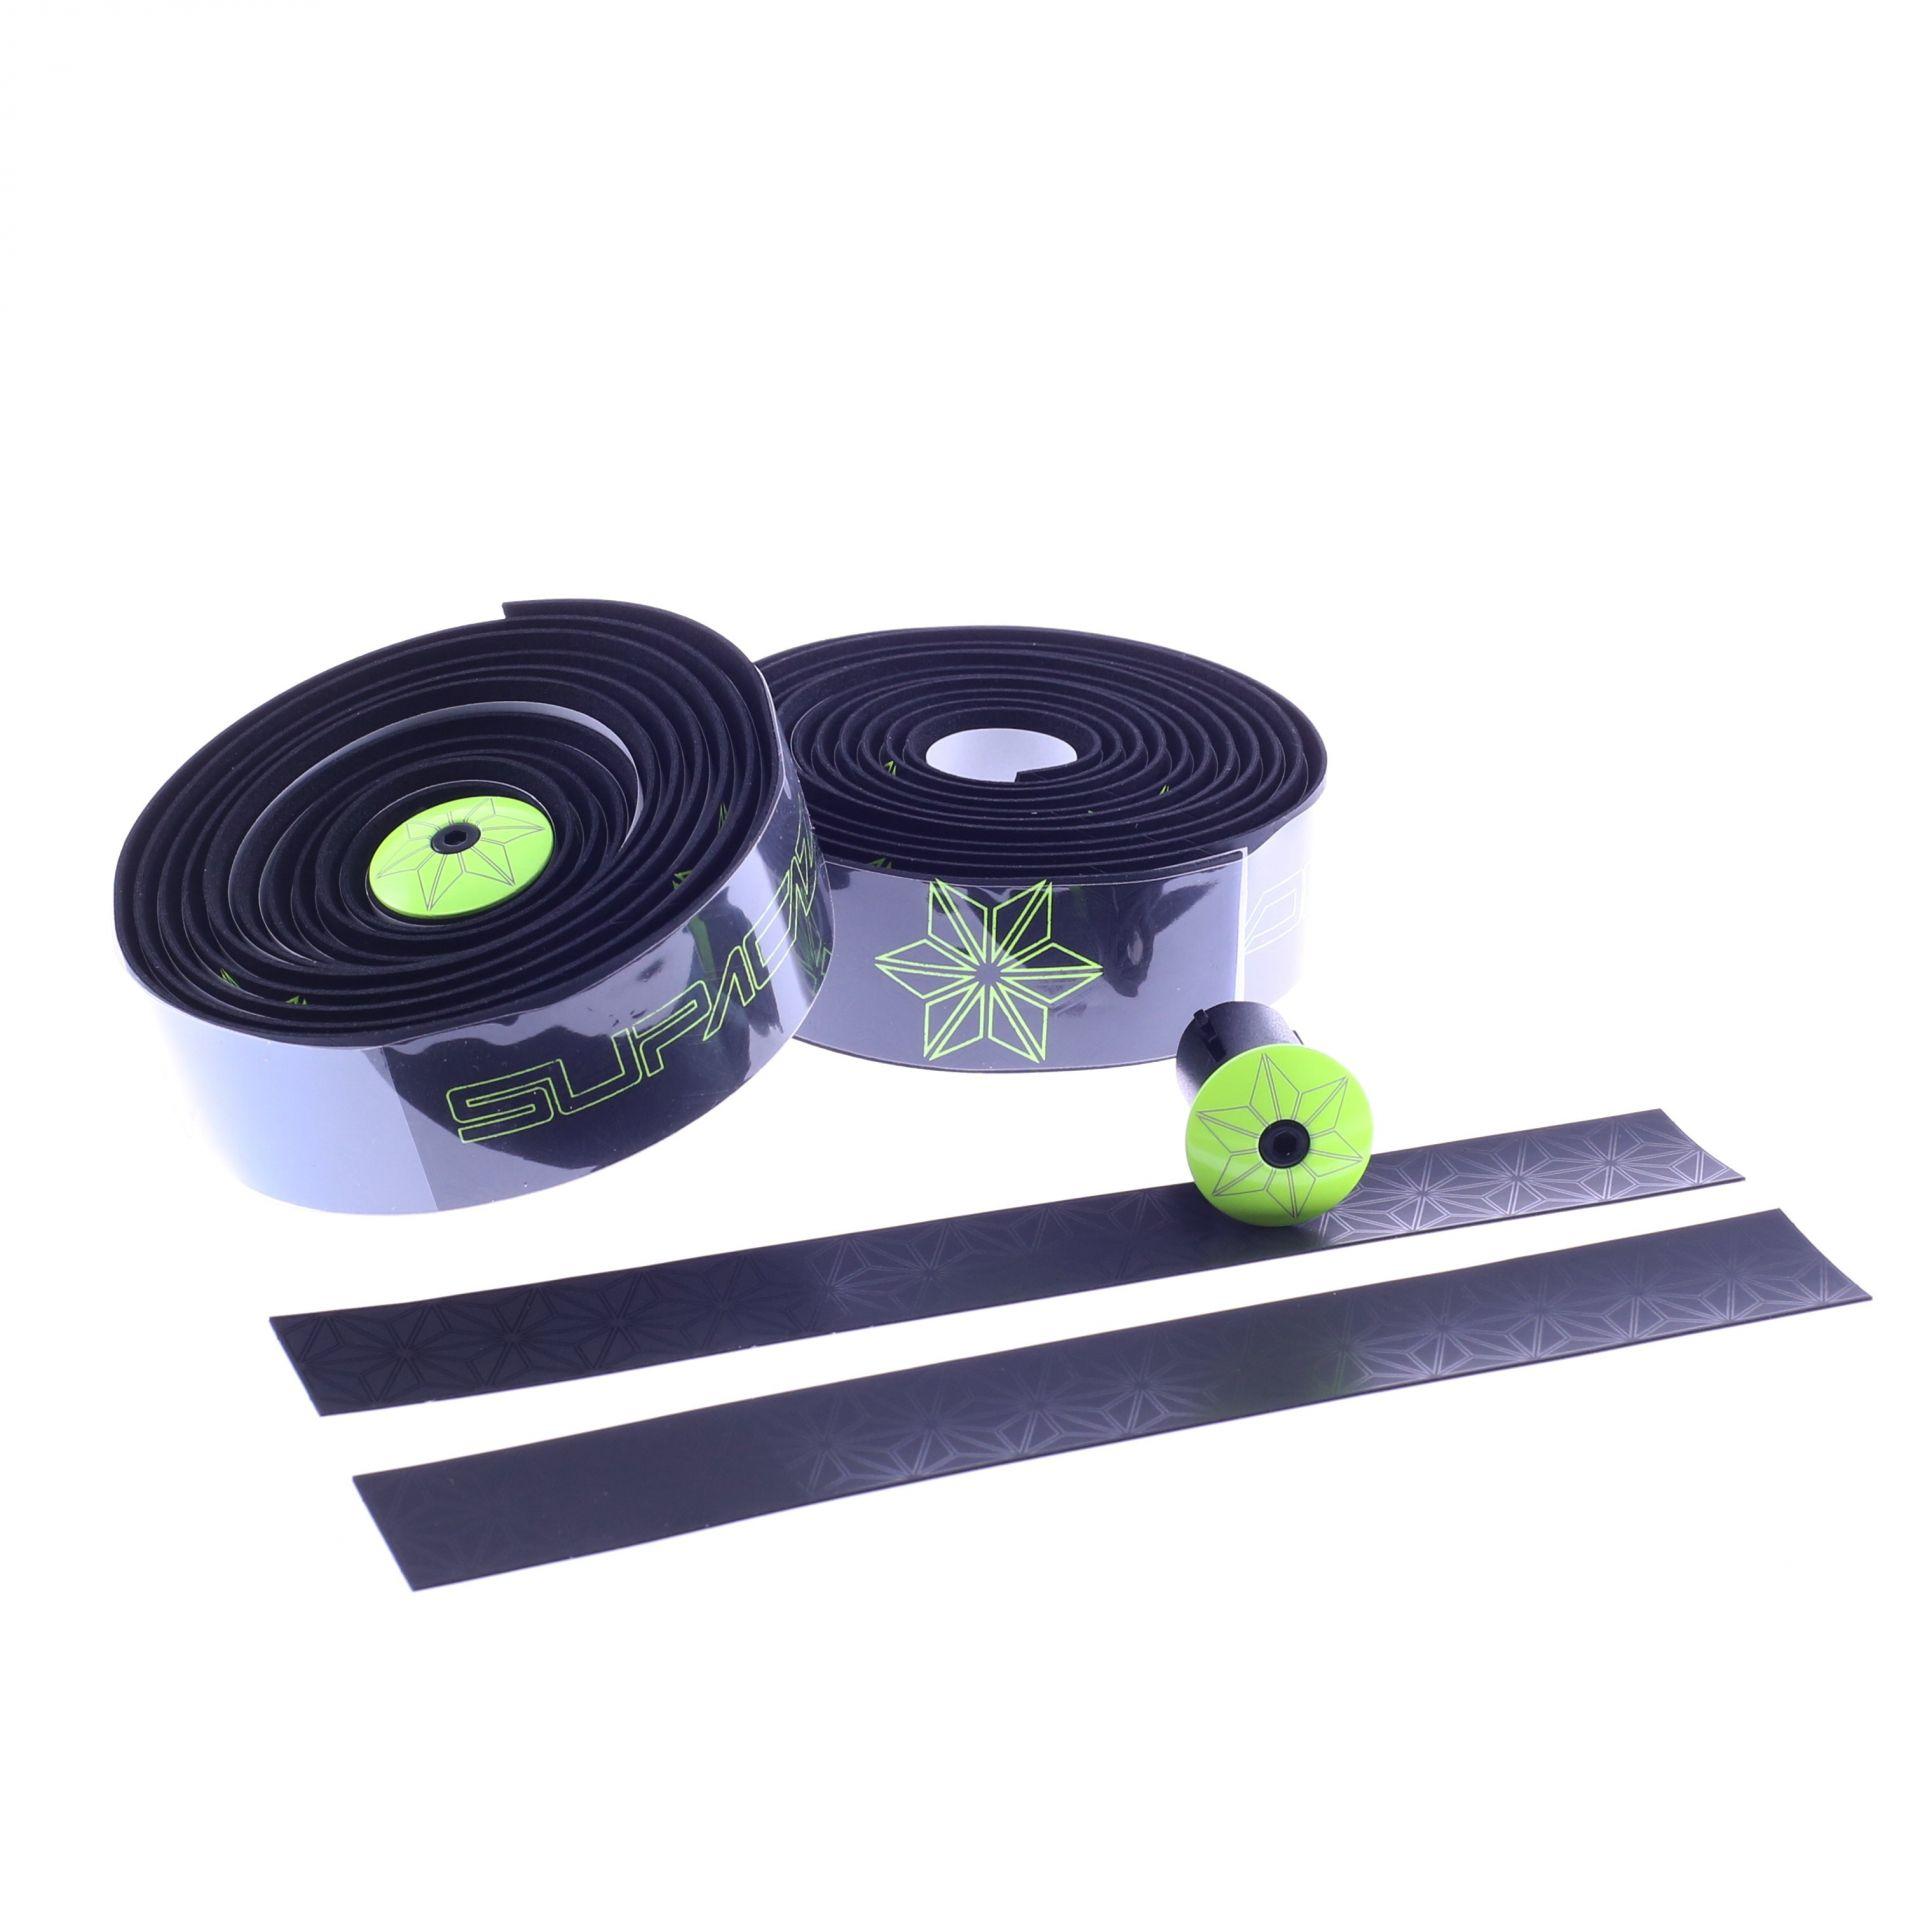 Ruban de cintre Supacaz Super Sticky Kush Tape Noir/Imprimé Jaune Fluo